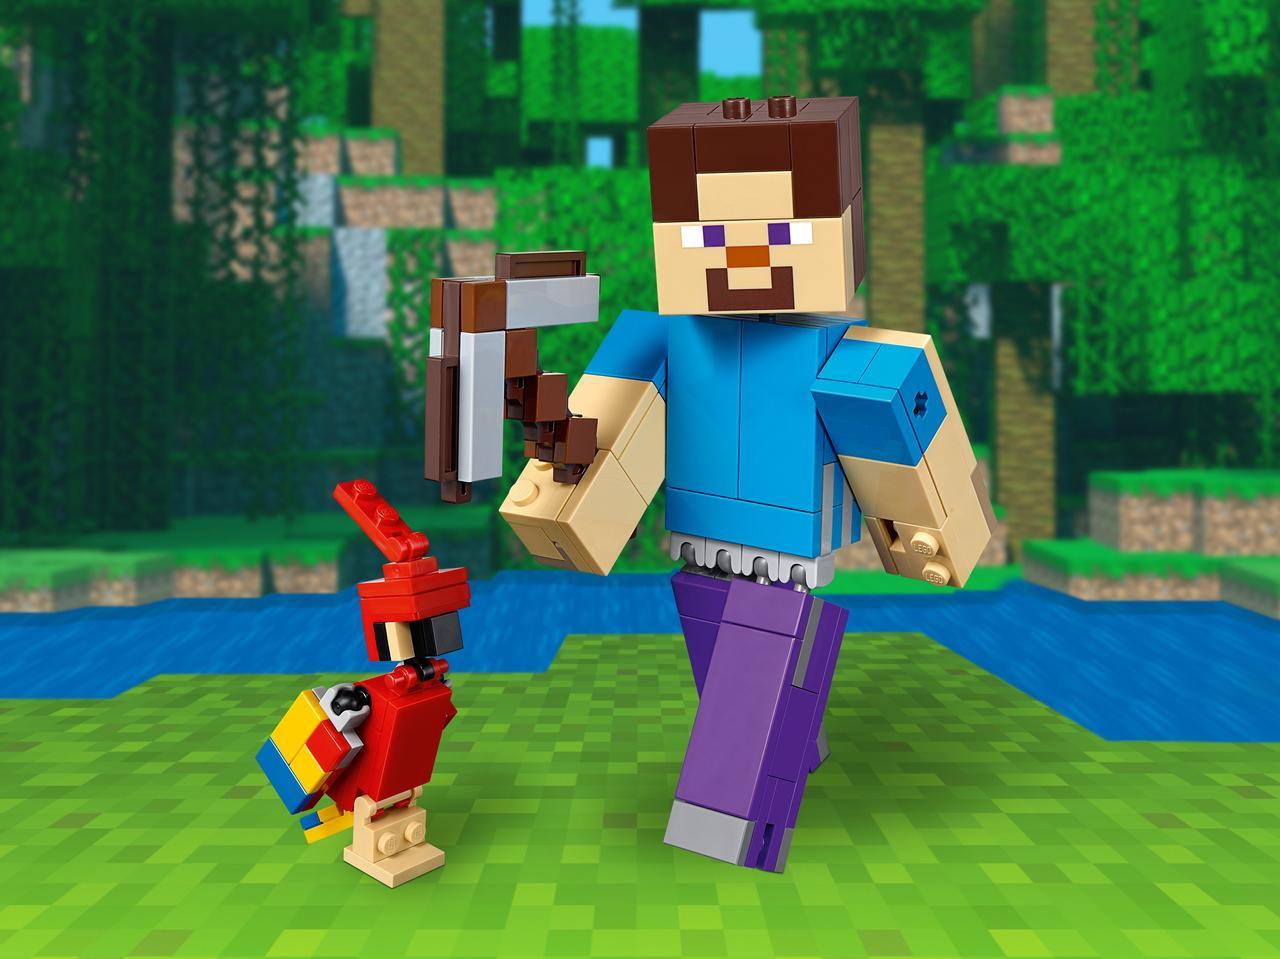 Конструктор LEGO Minecraft. Большие фигурки Minecraft, Стив с попугаем